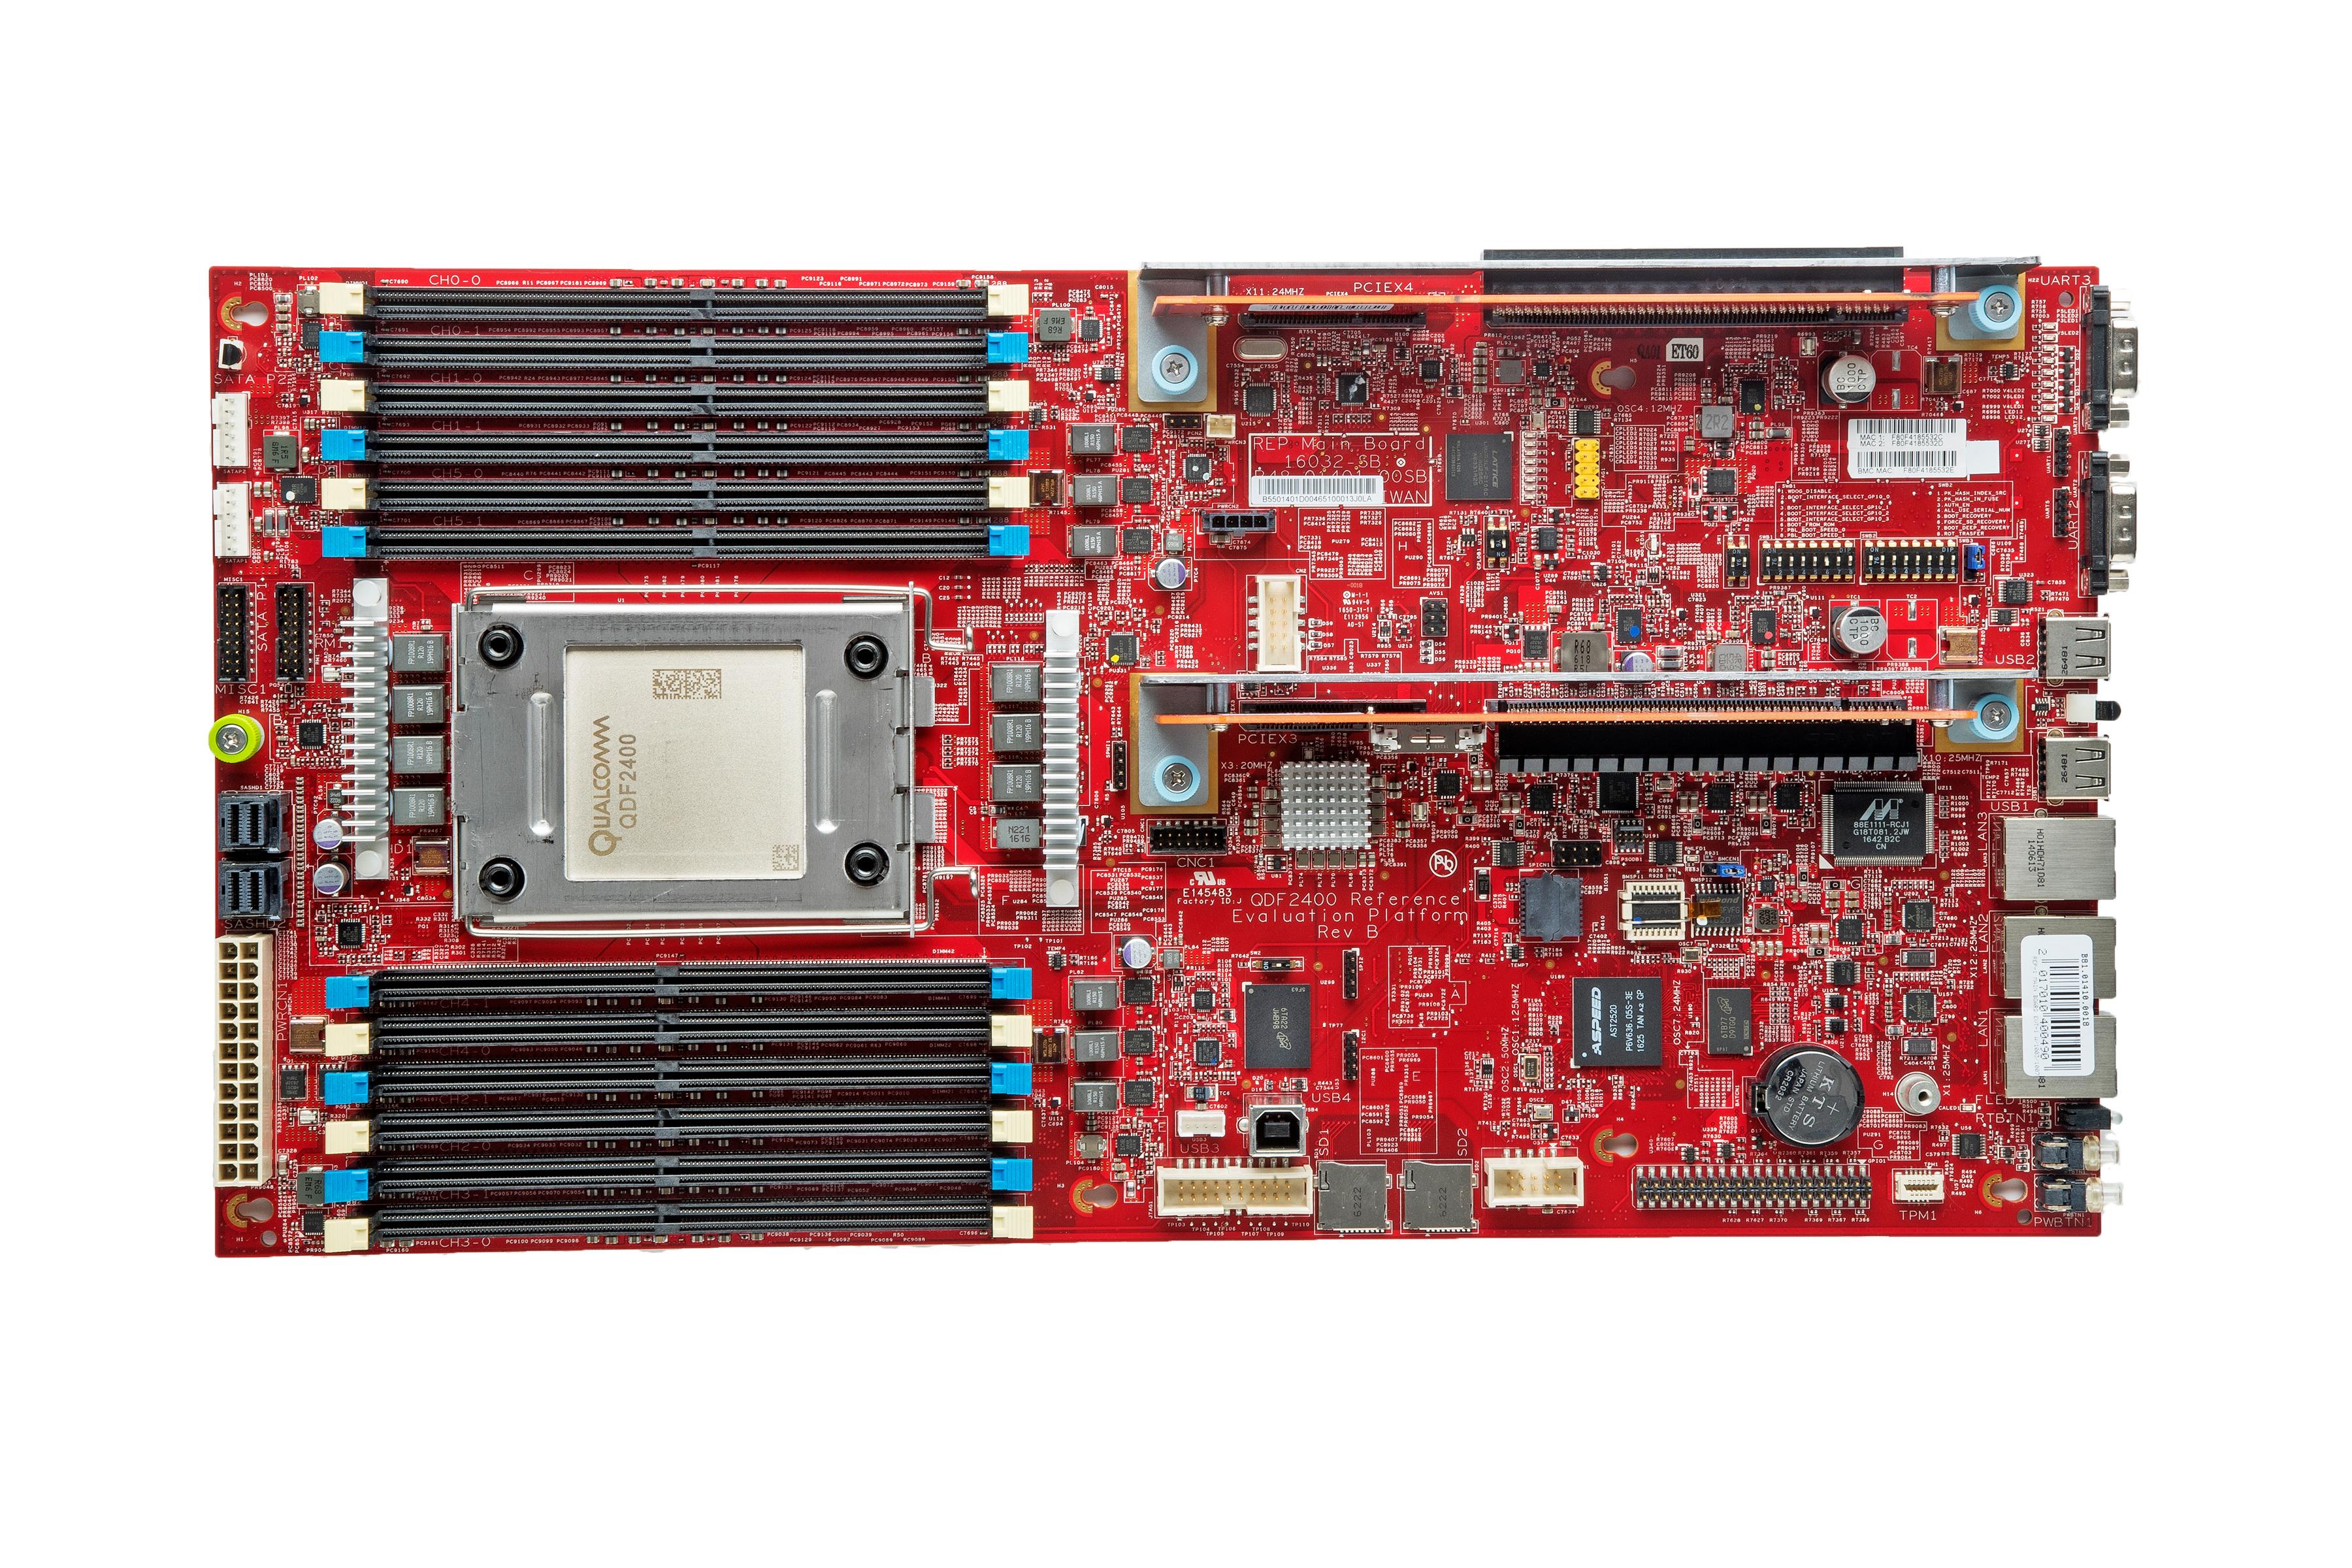 qualcomm-centriq-2400-open-compute-moterboard-topview.jpg